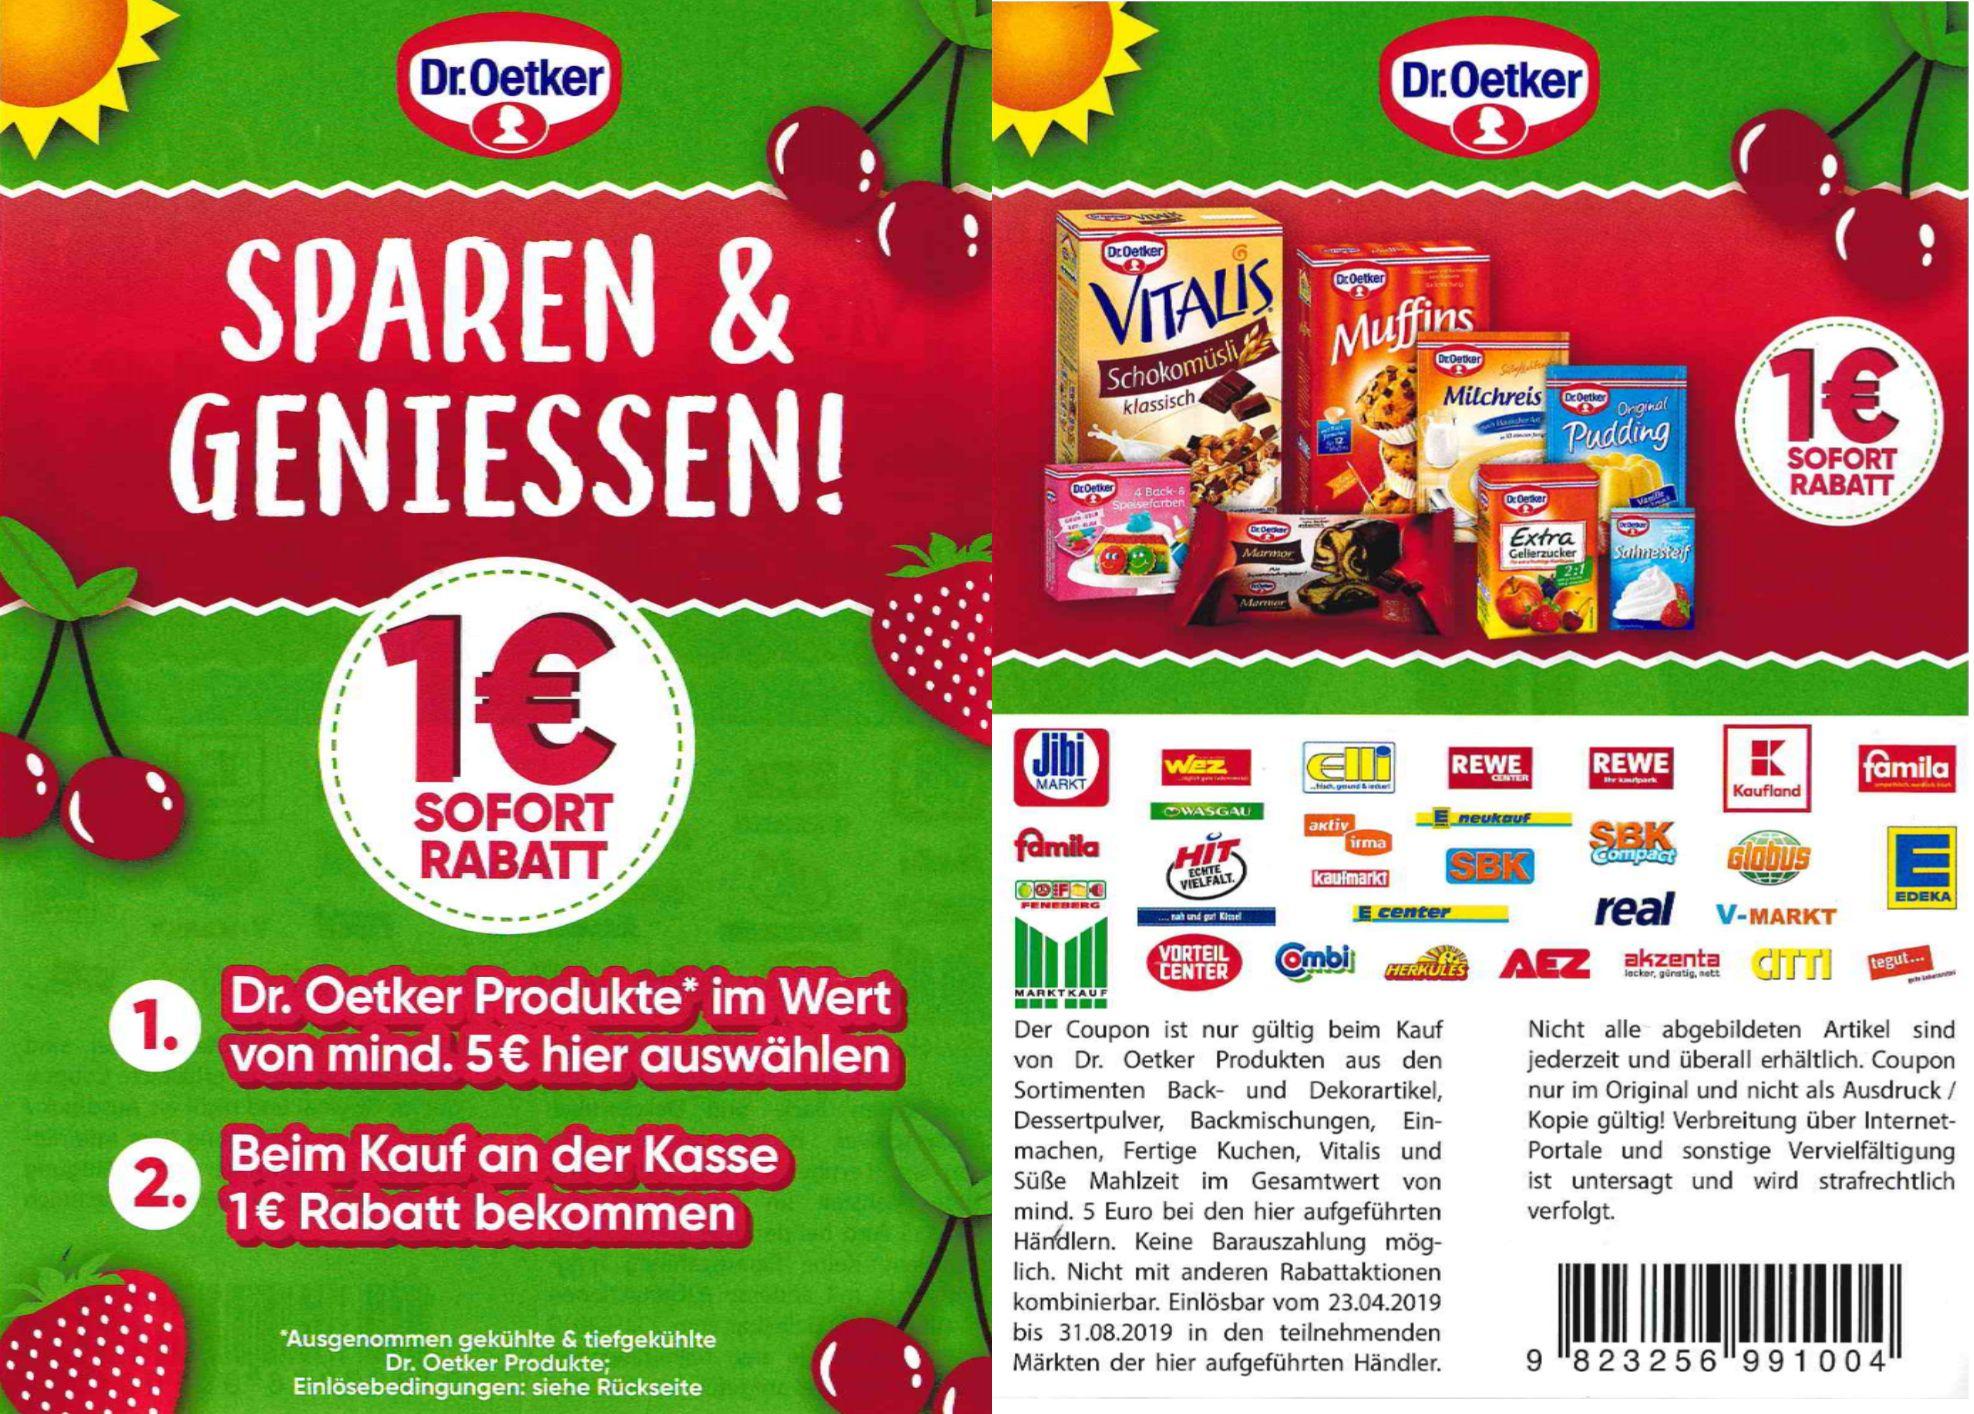 1,00€ Sofort-Rabatt Coupon für den Kauf von Dr. Oekter Produkten im Wert von 5,00€ bis 31.08.2019